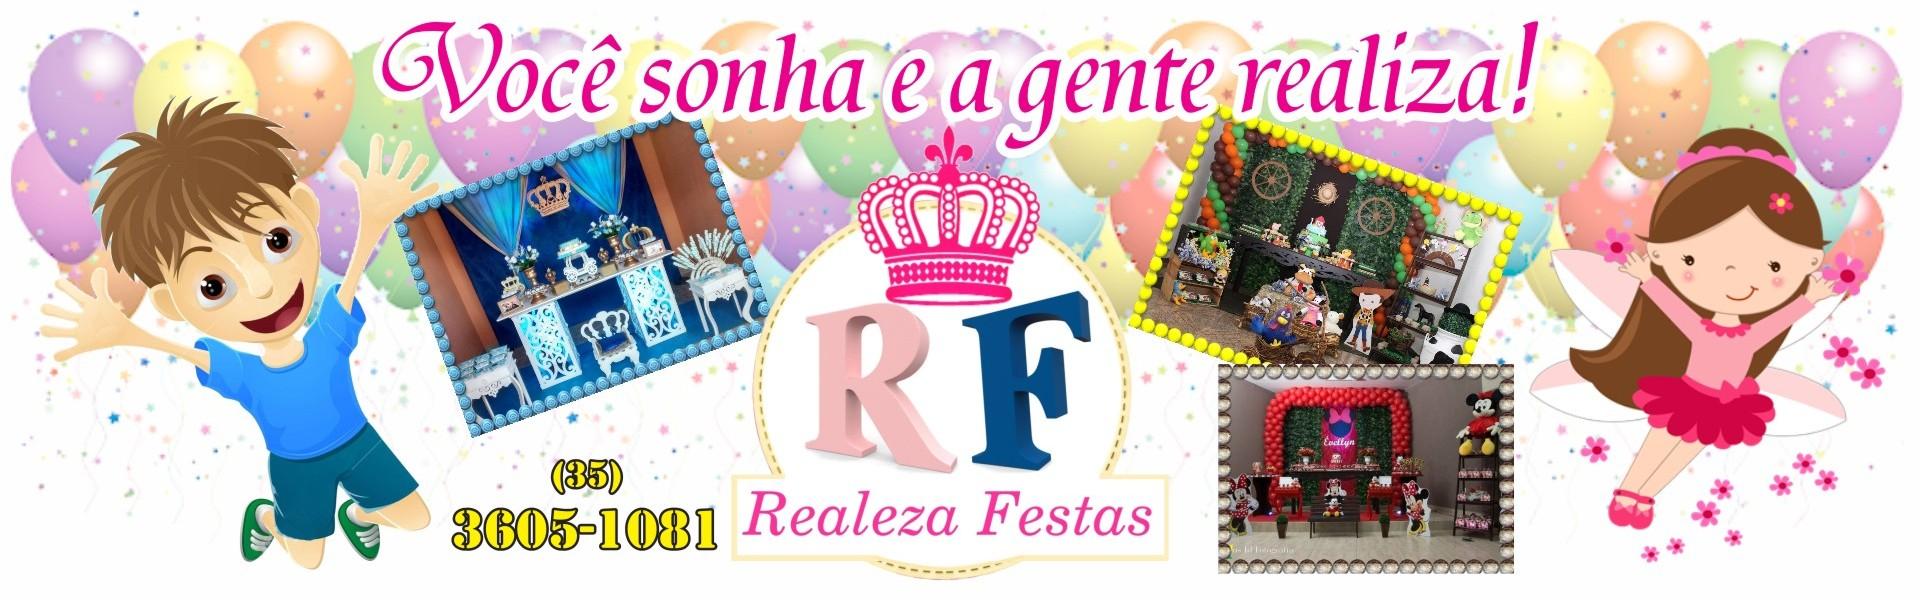 RealezaFestas1